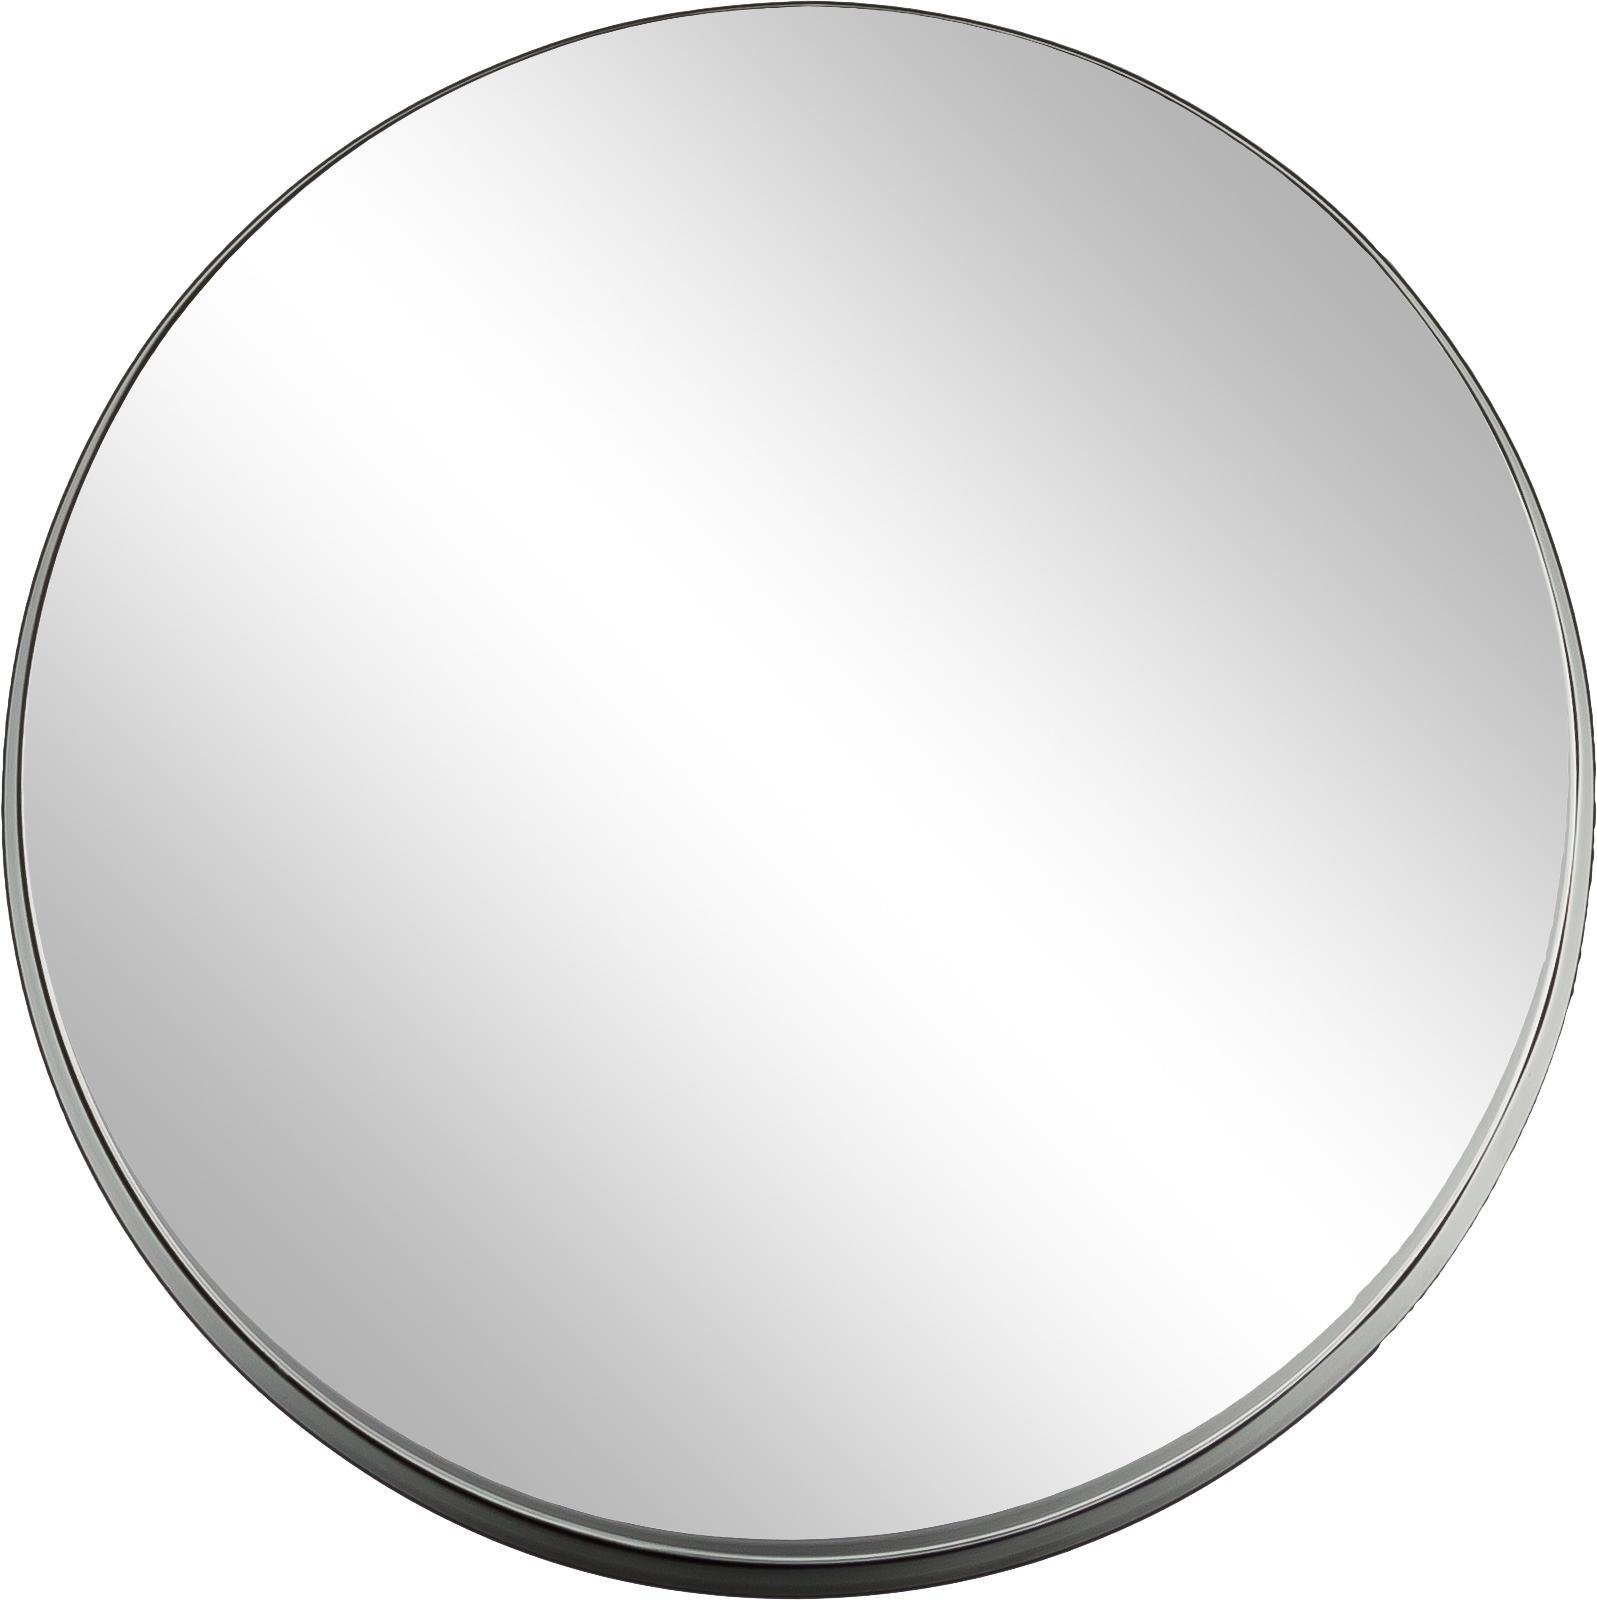 Specchio da parete con cornice Metal, Cornice: metallo verniciato con se, Cornice: nero<br>Lastra di vetro, Ø 51 cm